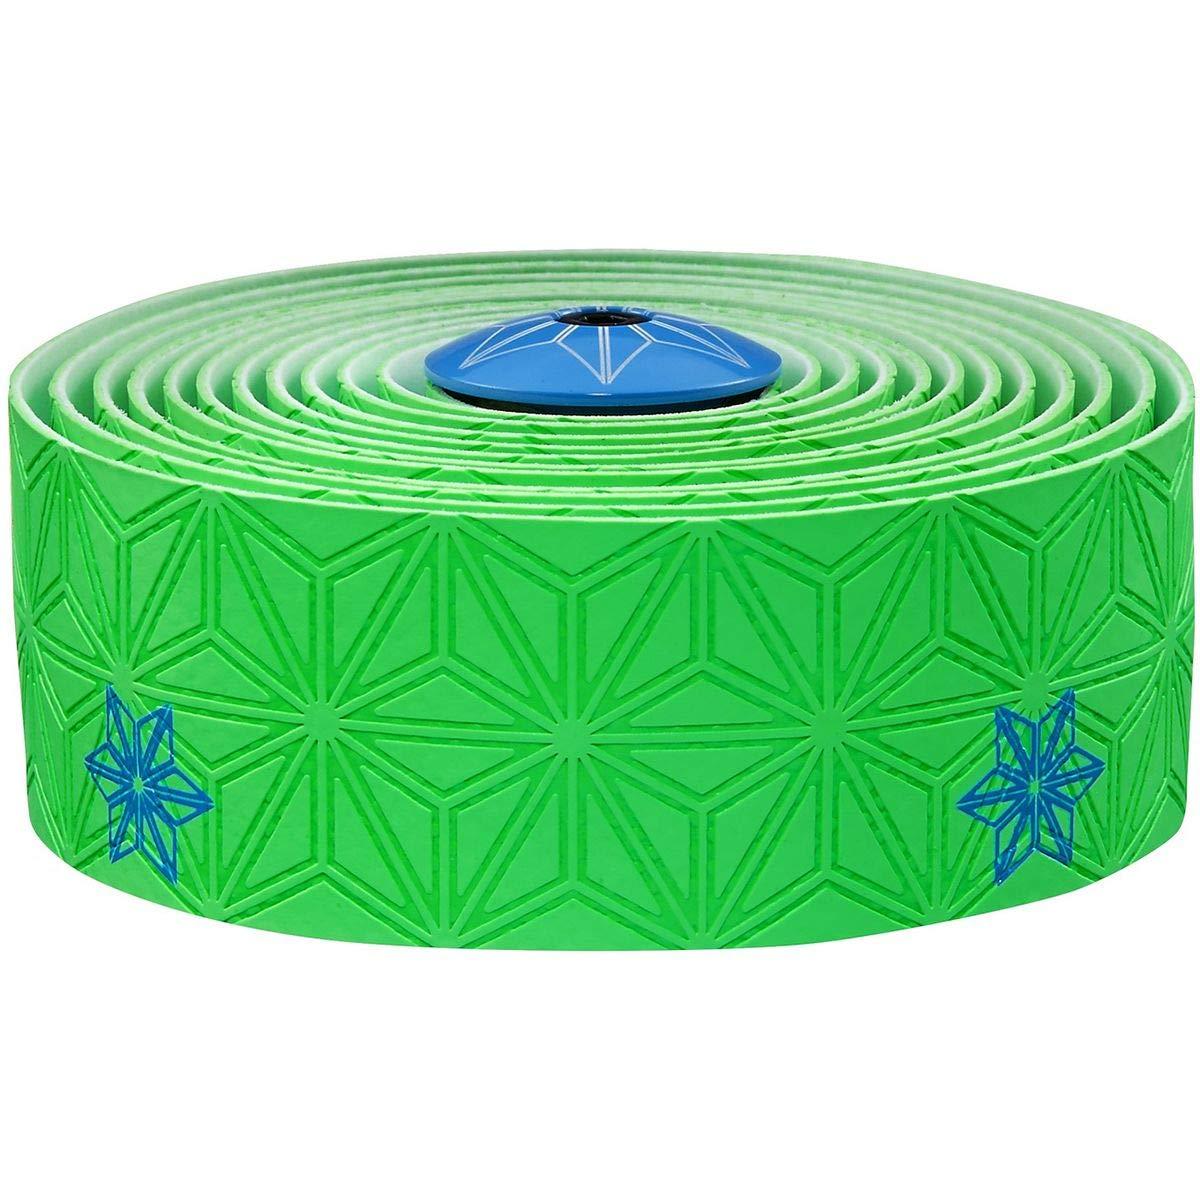 スパカズ ネオングリーンテープ/ネオンブルー スーパースティッキークッシュテープ プリントカラー バーテープ